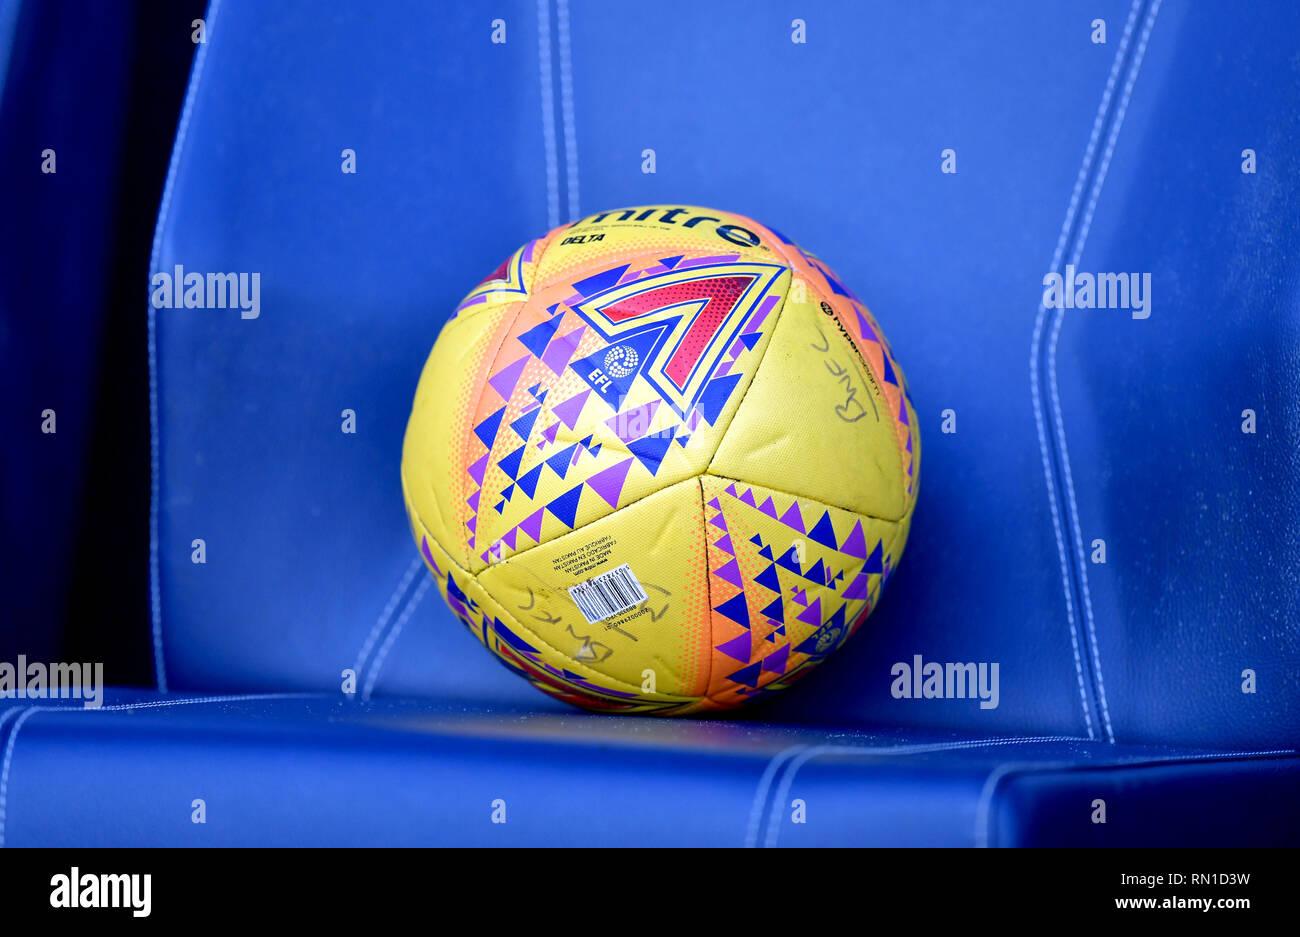 Una vista general de una mitra balón oficial en un asiento en el cielo  apuesta partido 7c9cd5f8cdd81